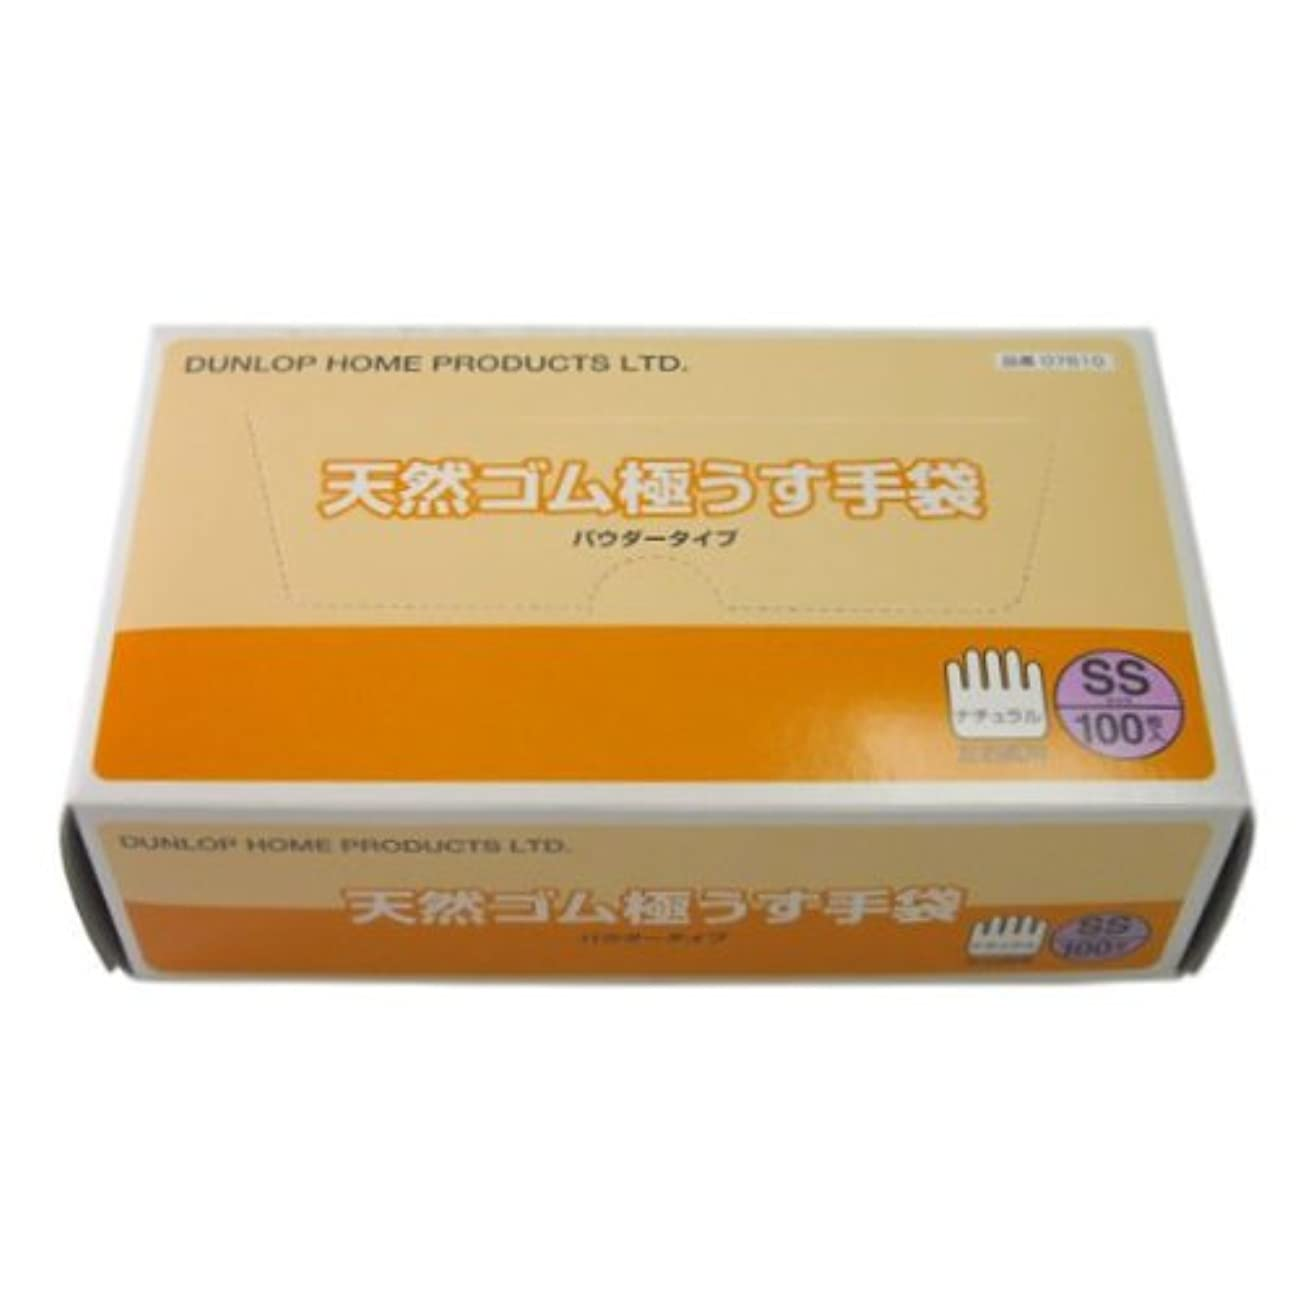 合理的密輸コジオスコダンロップ 天然ゴムラテックス極うす手袋 SSサイズ 100枚入